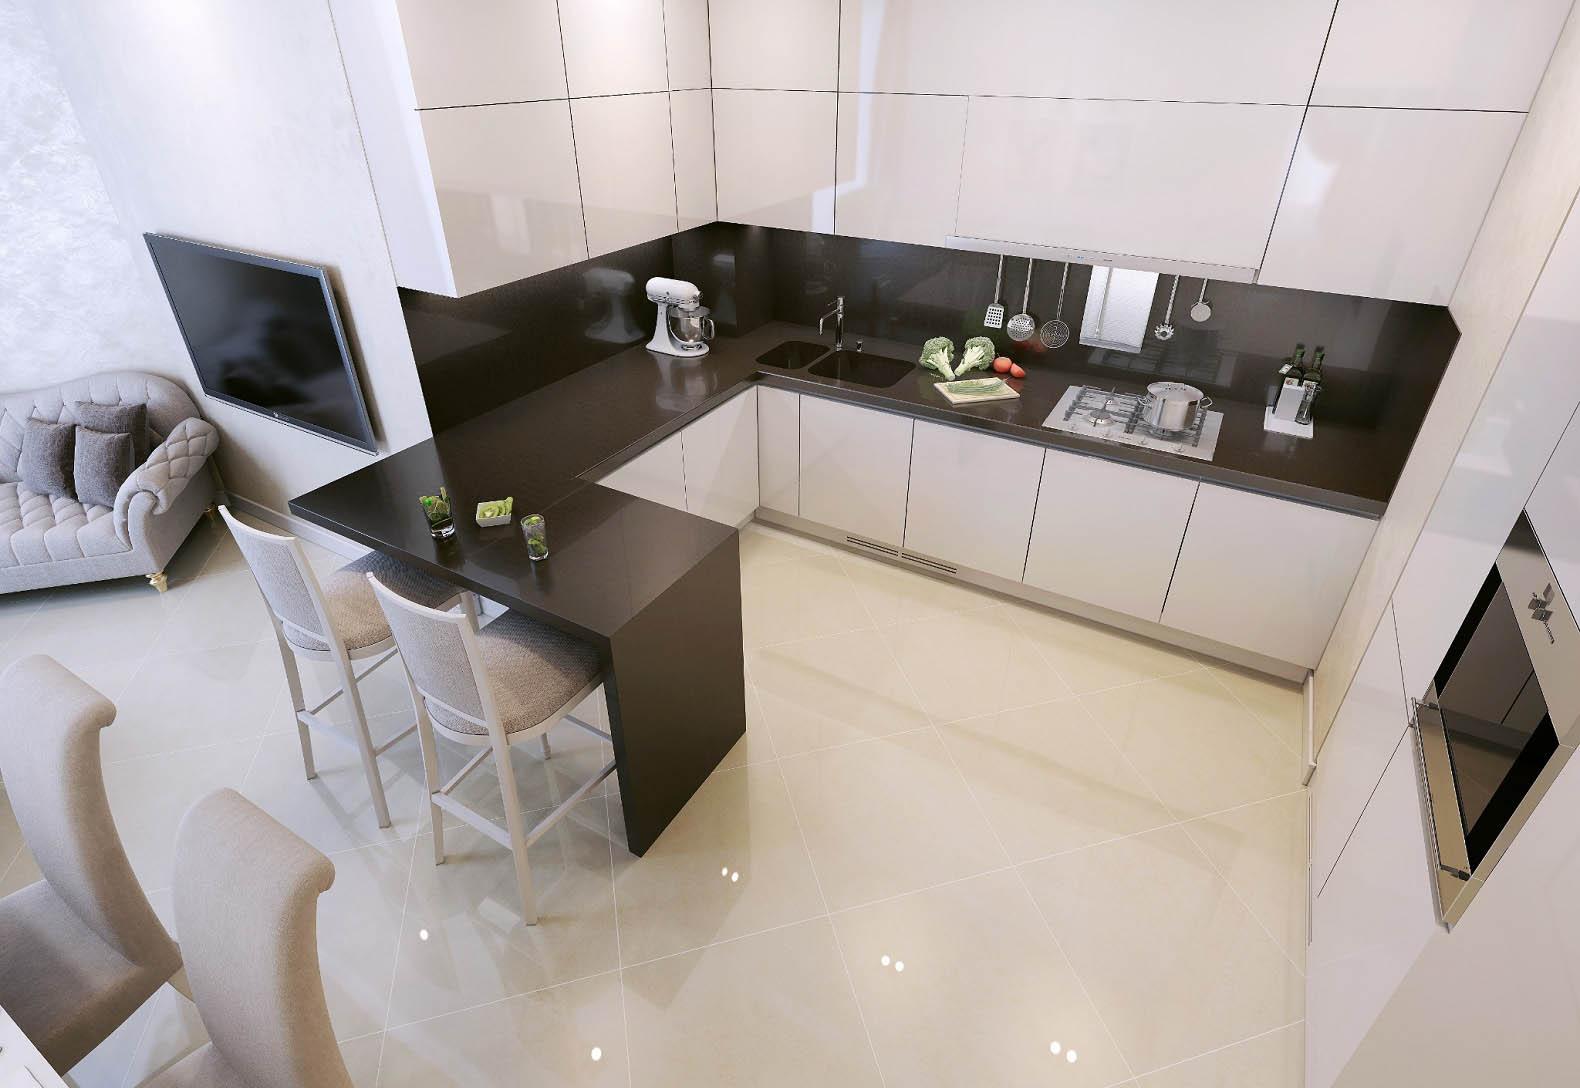 Vedrai, quest'angolo che sa di casa sarà apprezzatissimo dai tuoi clienti. Cucina Con Angolo Bar Una Moda Che Ritorna Sanasi Cucine